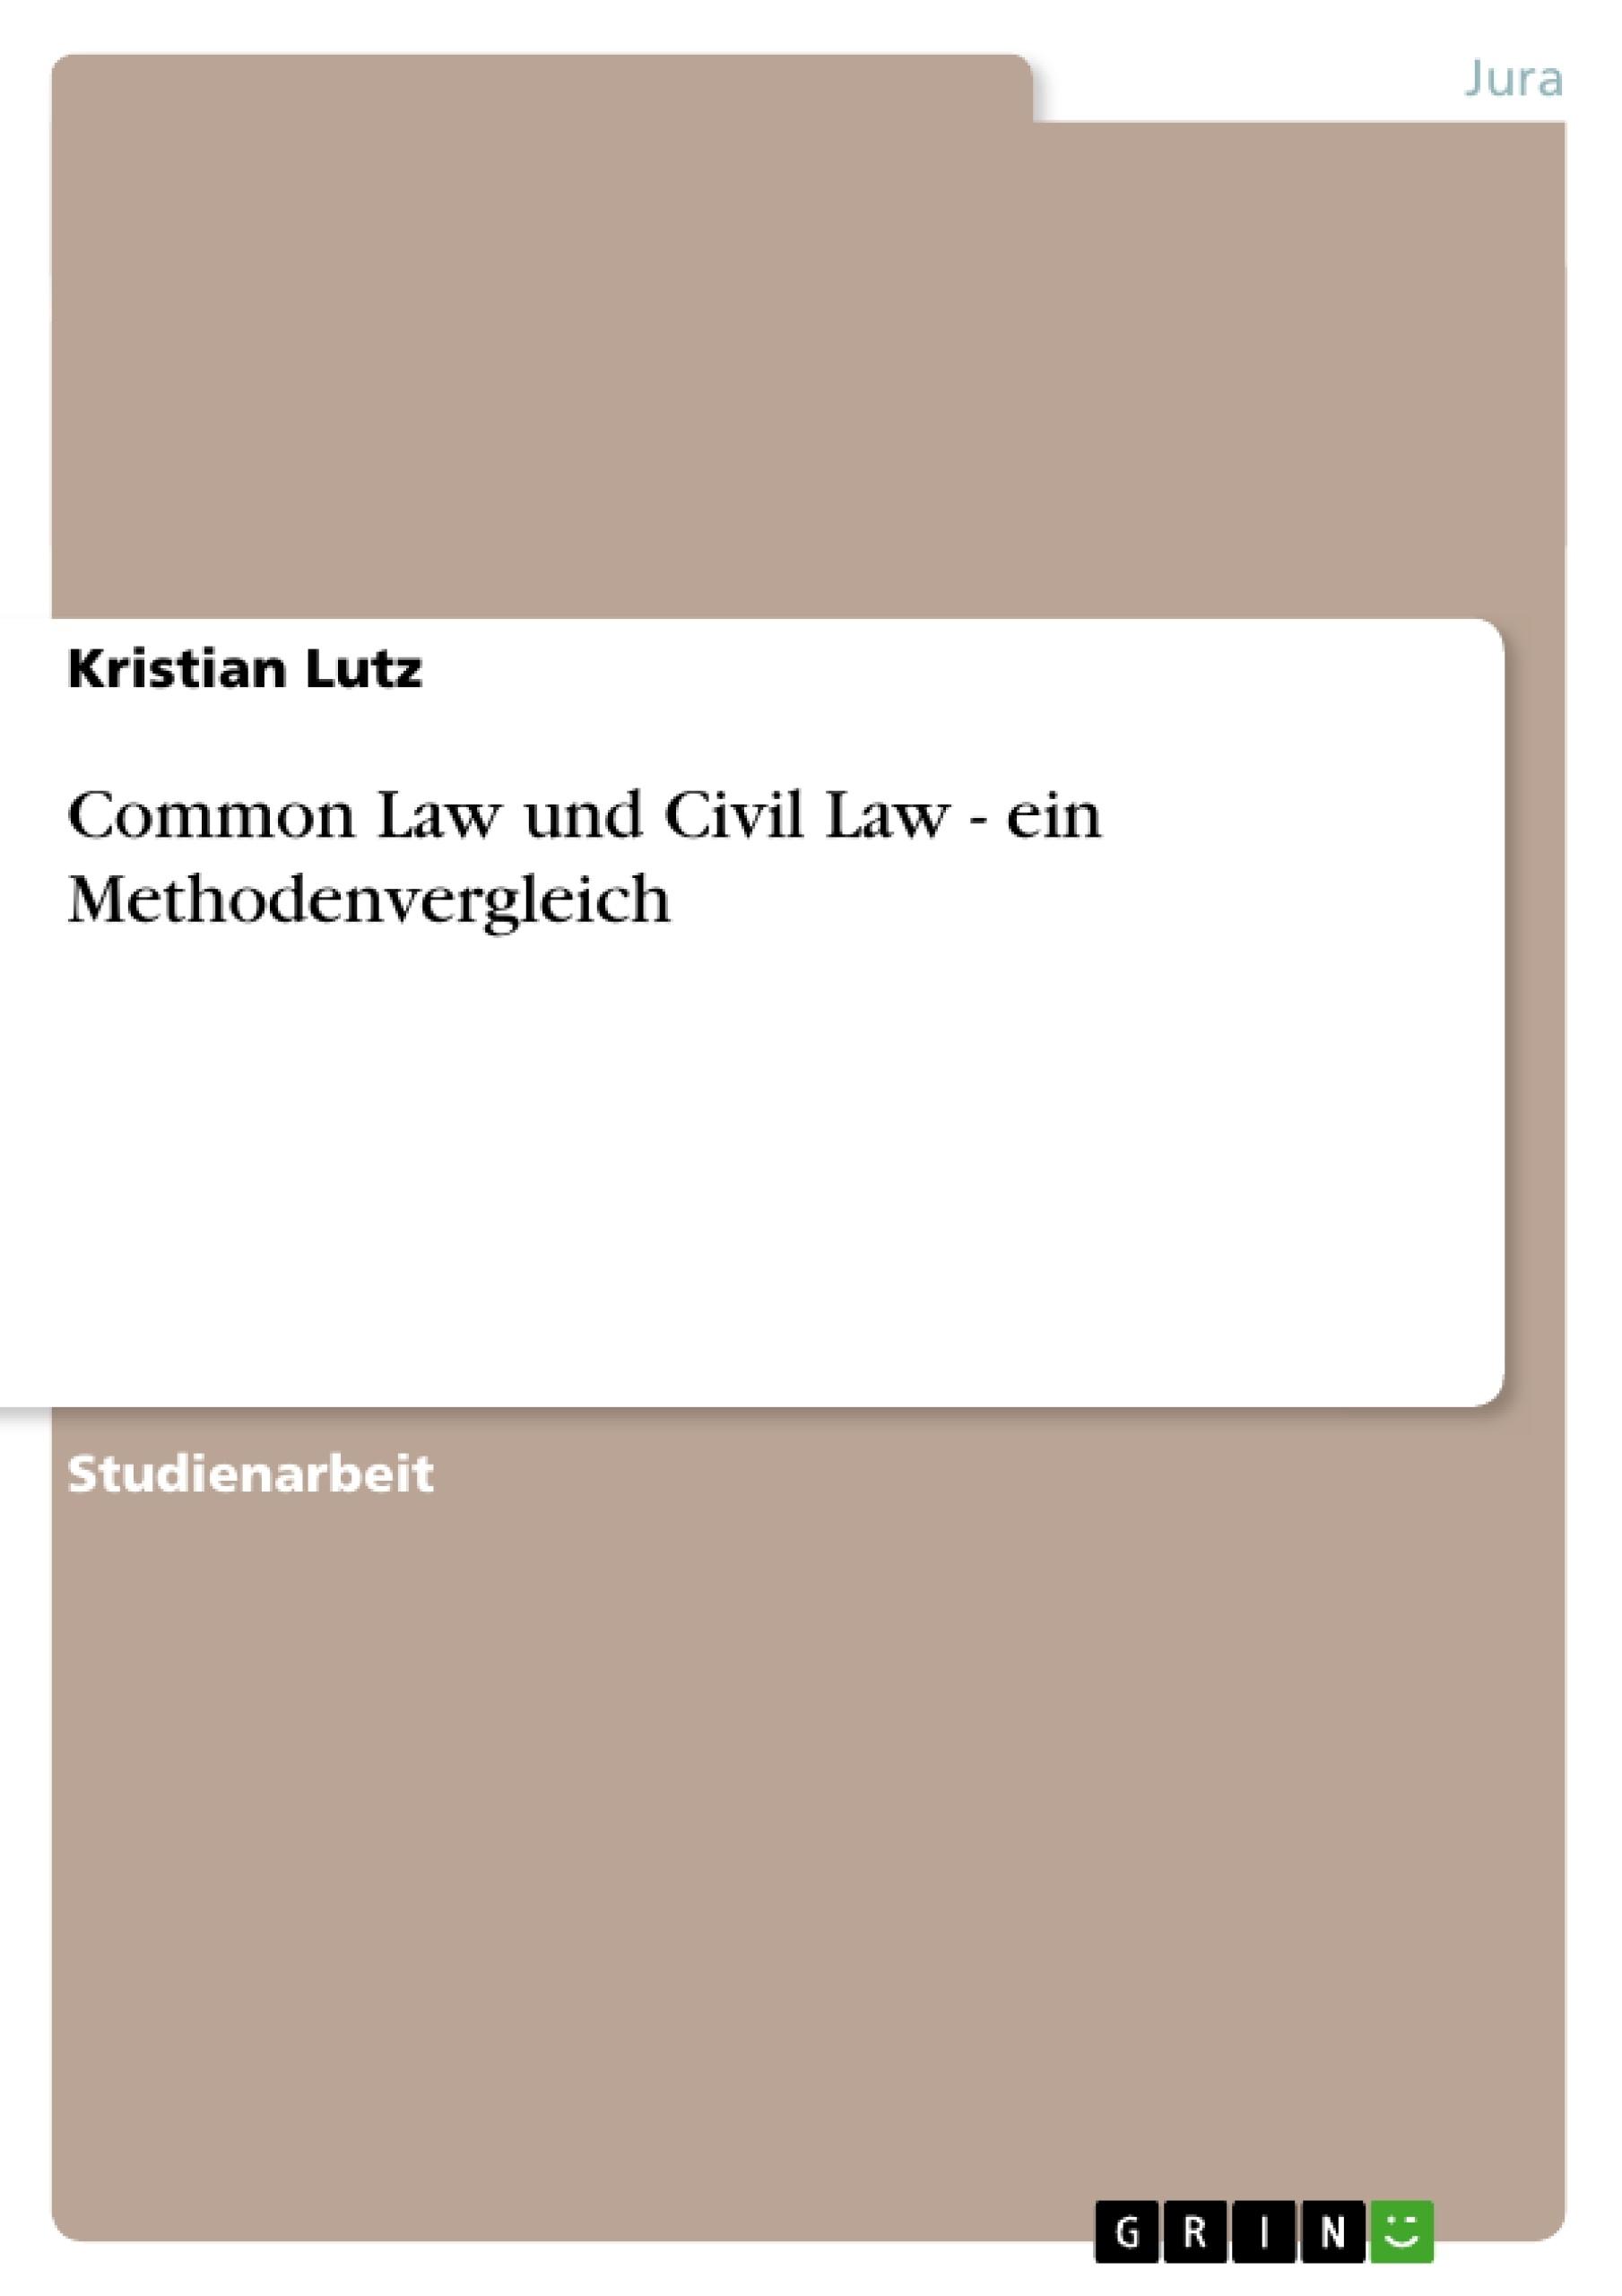 Titel: Common Law und Civil Law - ein Methodenvergleich